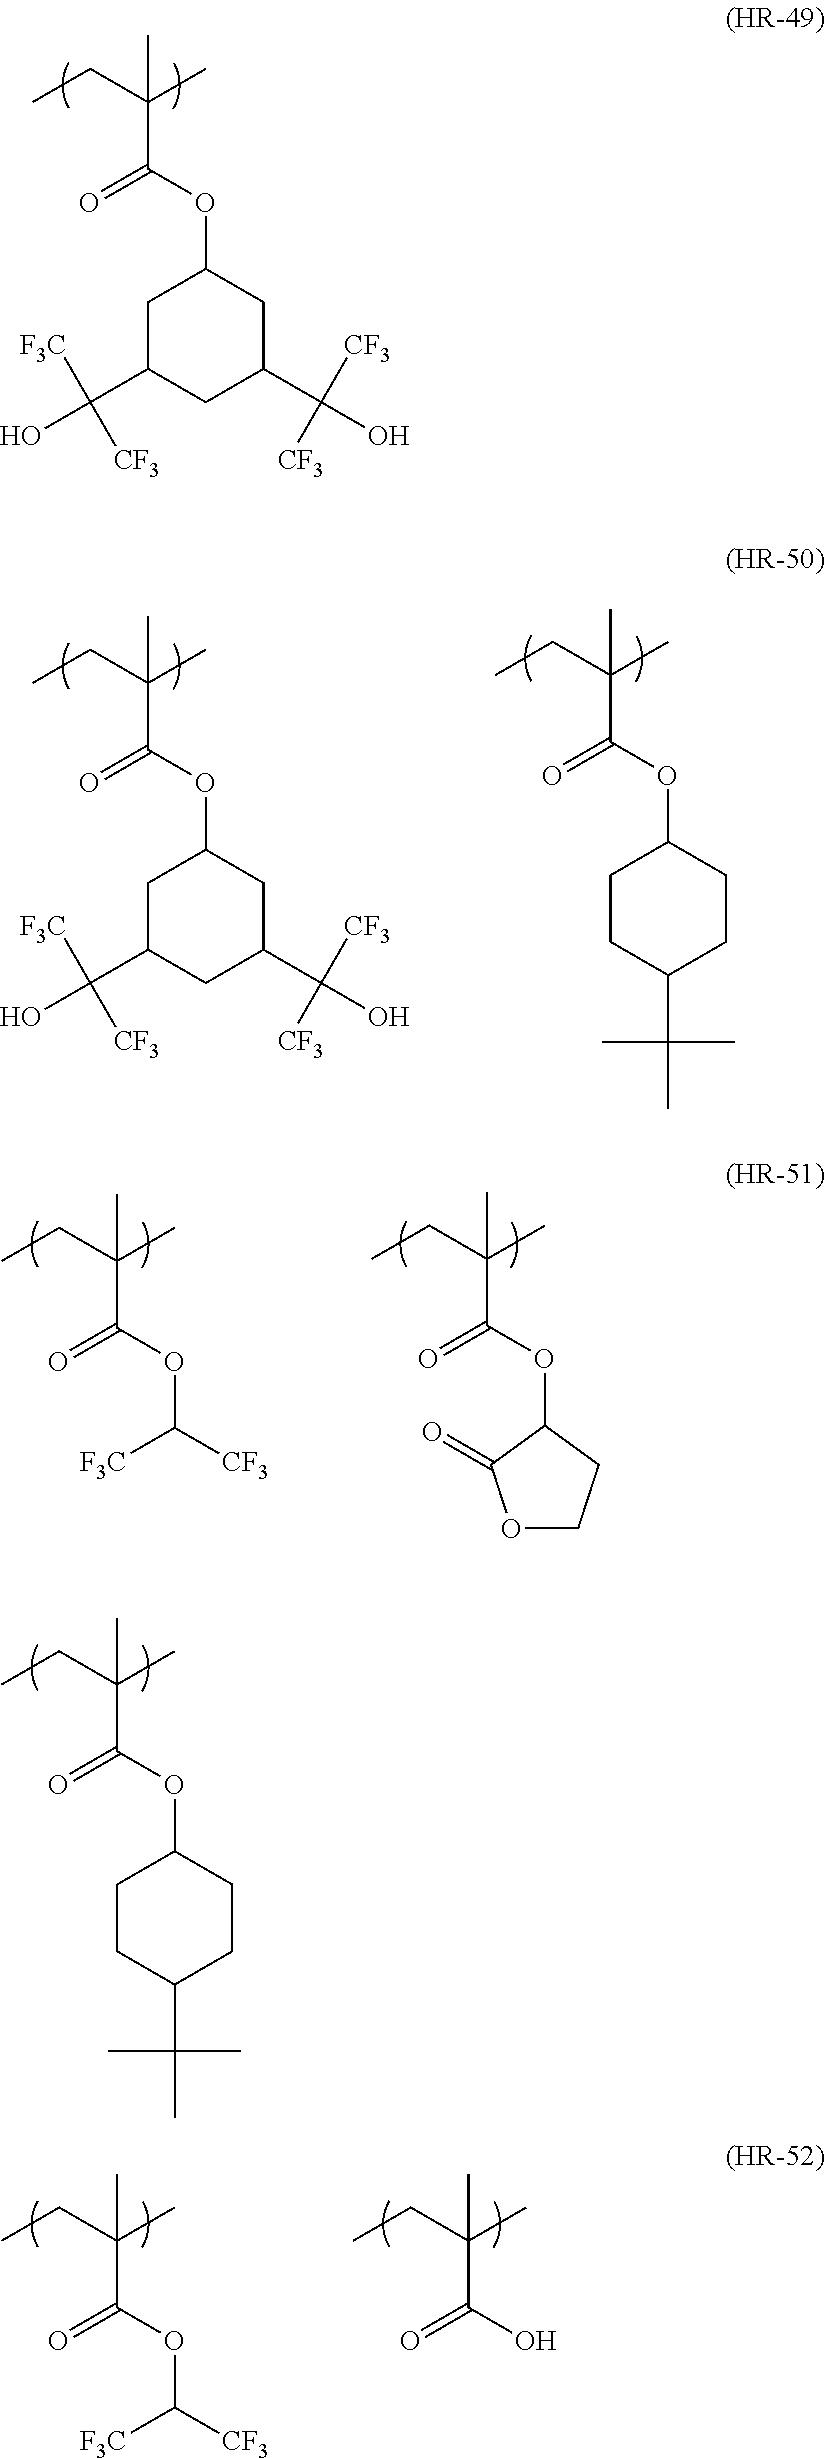 Figure US08404427-20130326-C00161